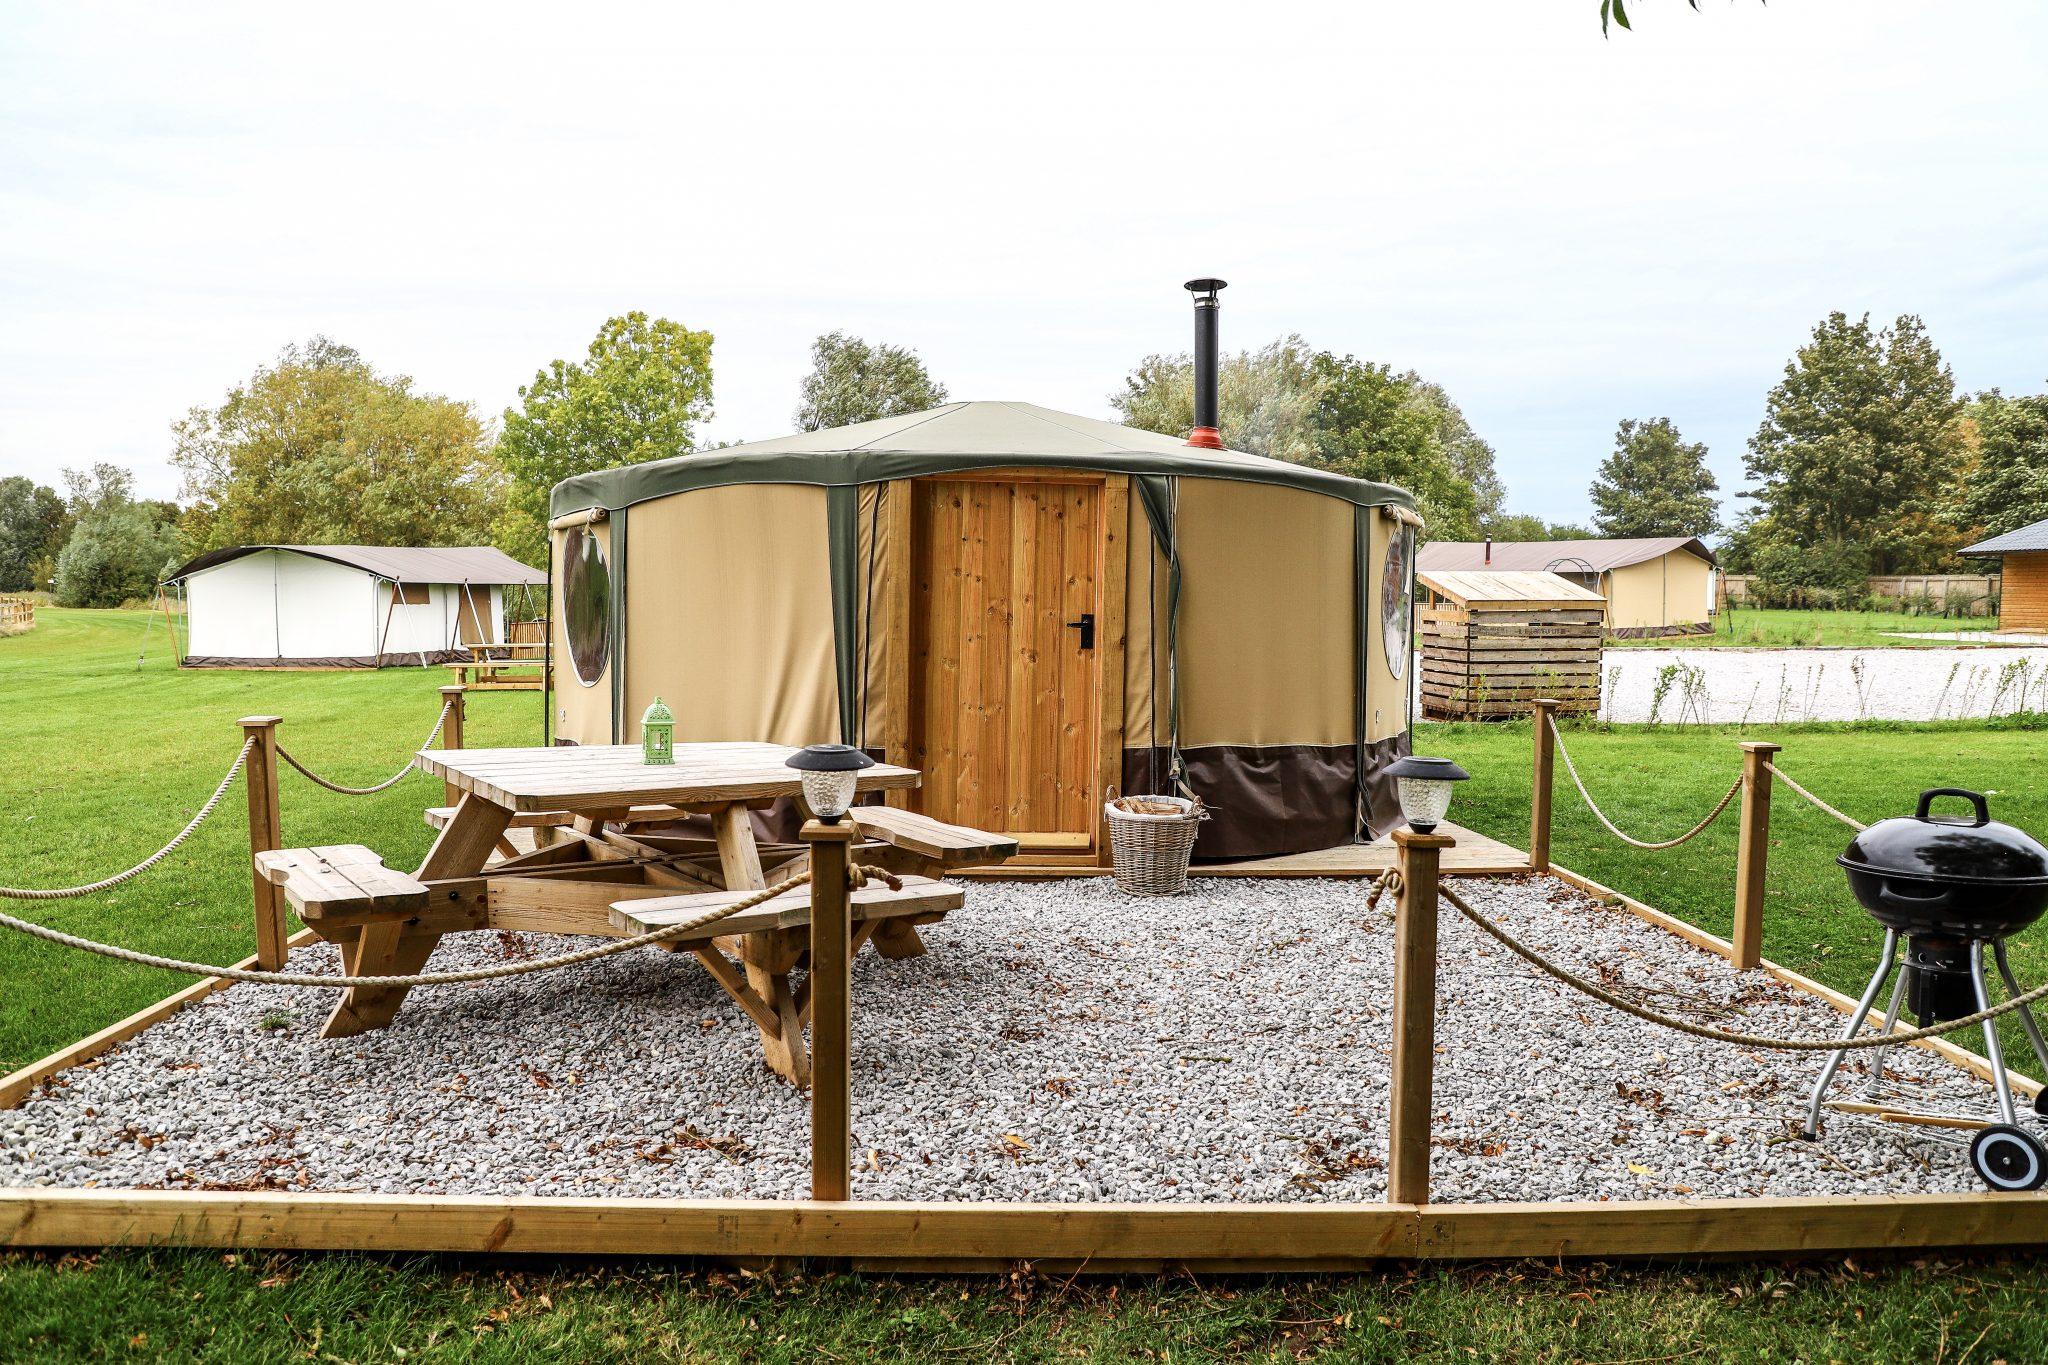 Yurt at Kingfisher Lakes Glamping Site